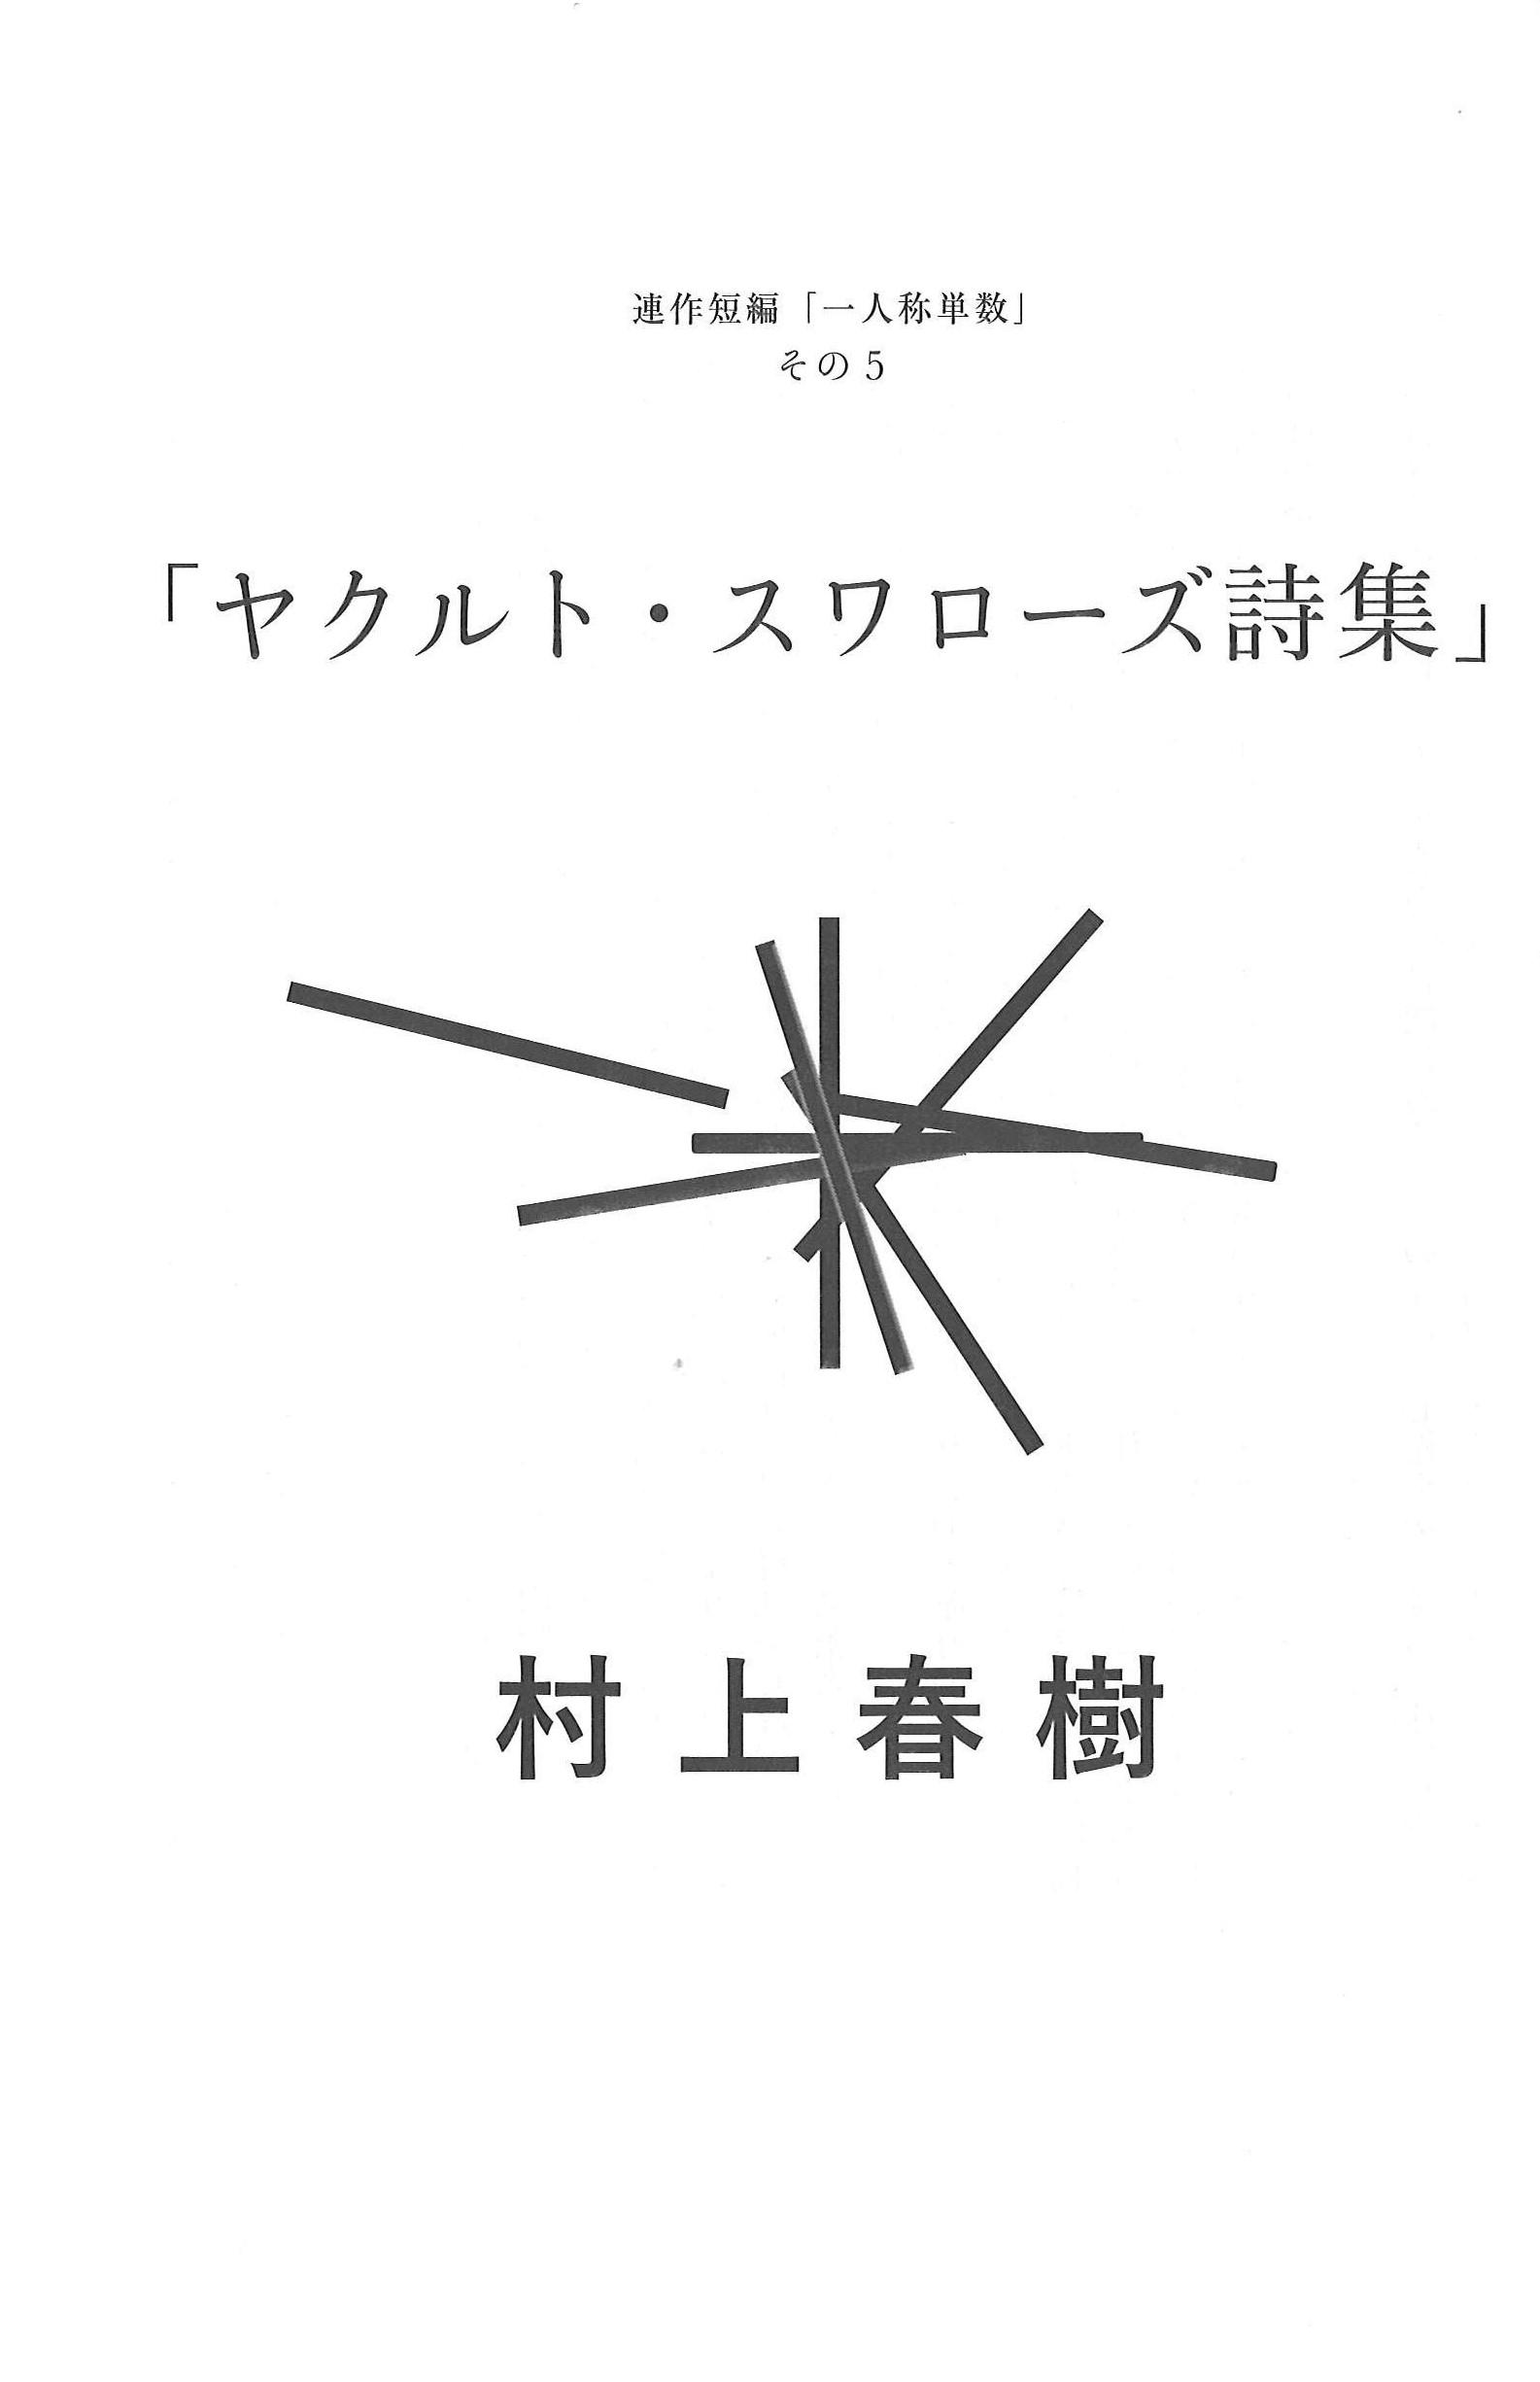 村上 春樹 英語 辞書